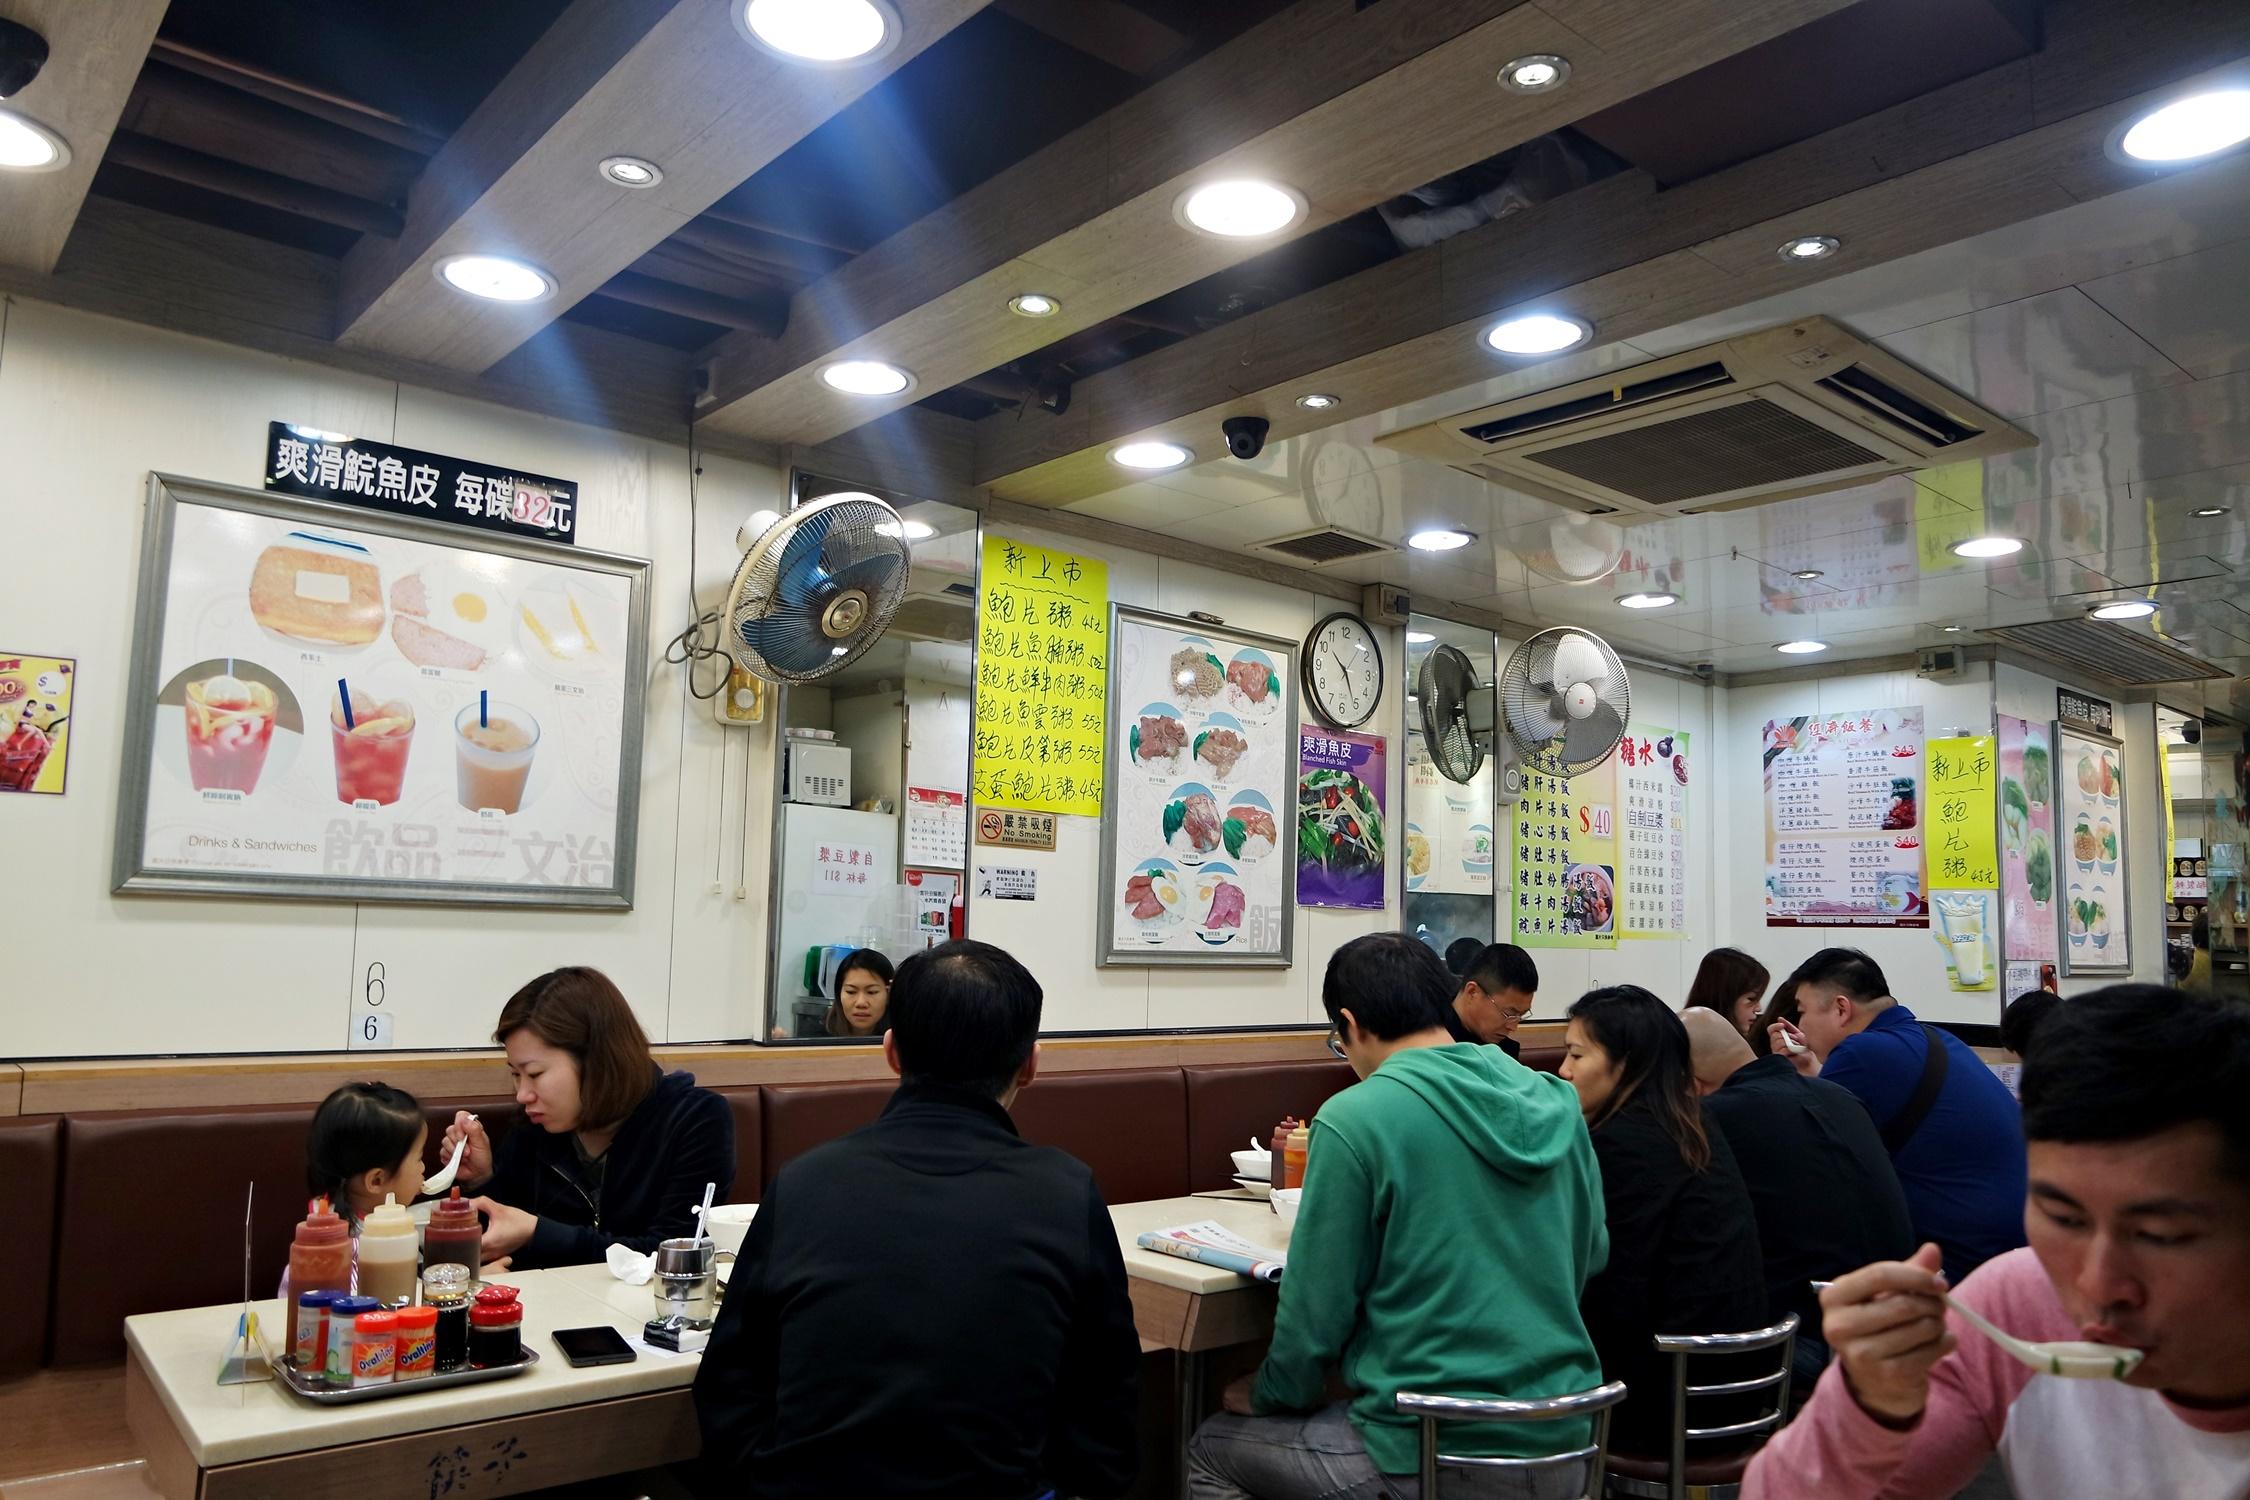 Hung Lee restaurant at Tsim Sha Tsui